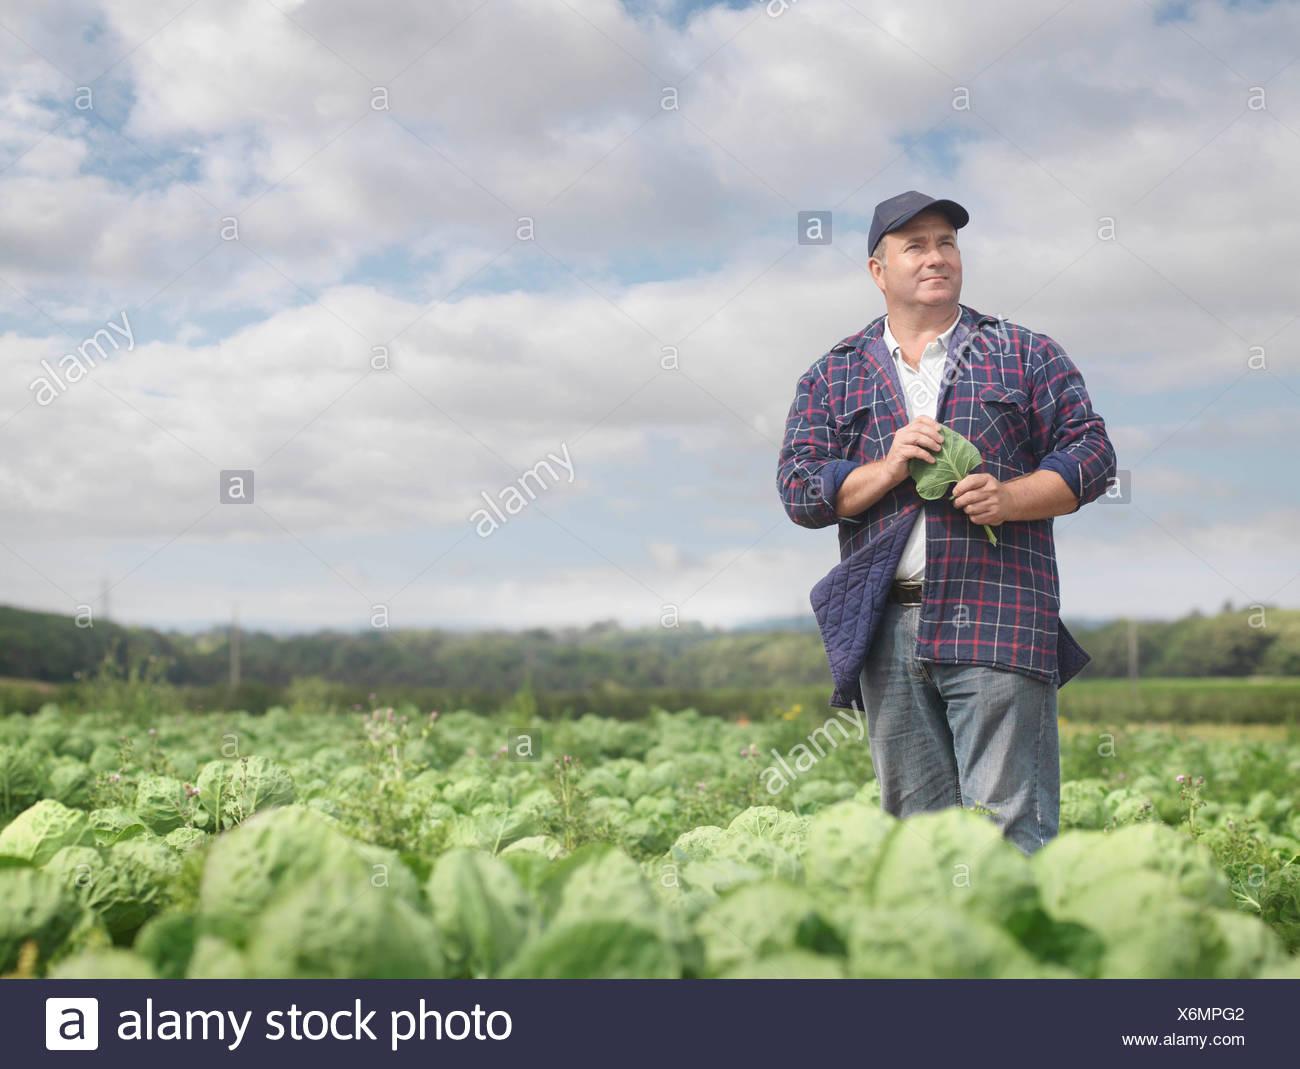 Farmer In Crop Field - Stock Image